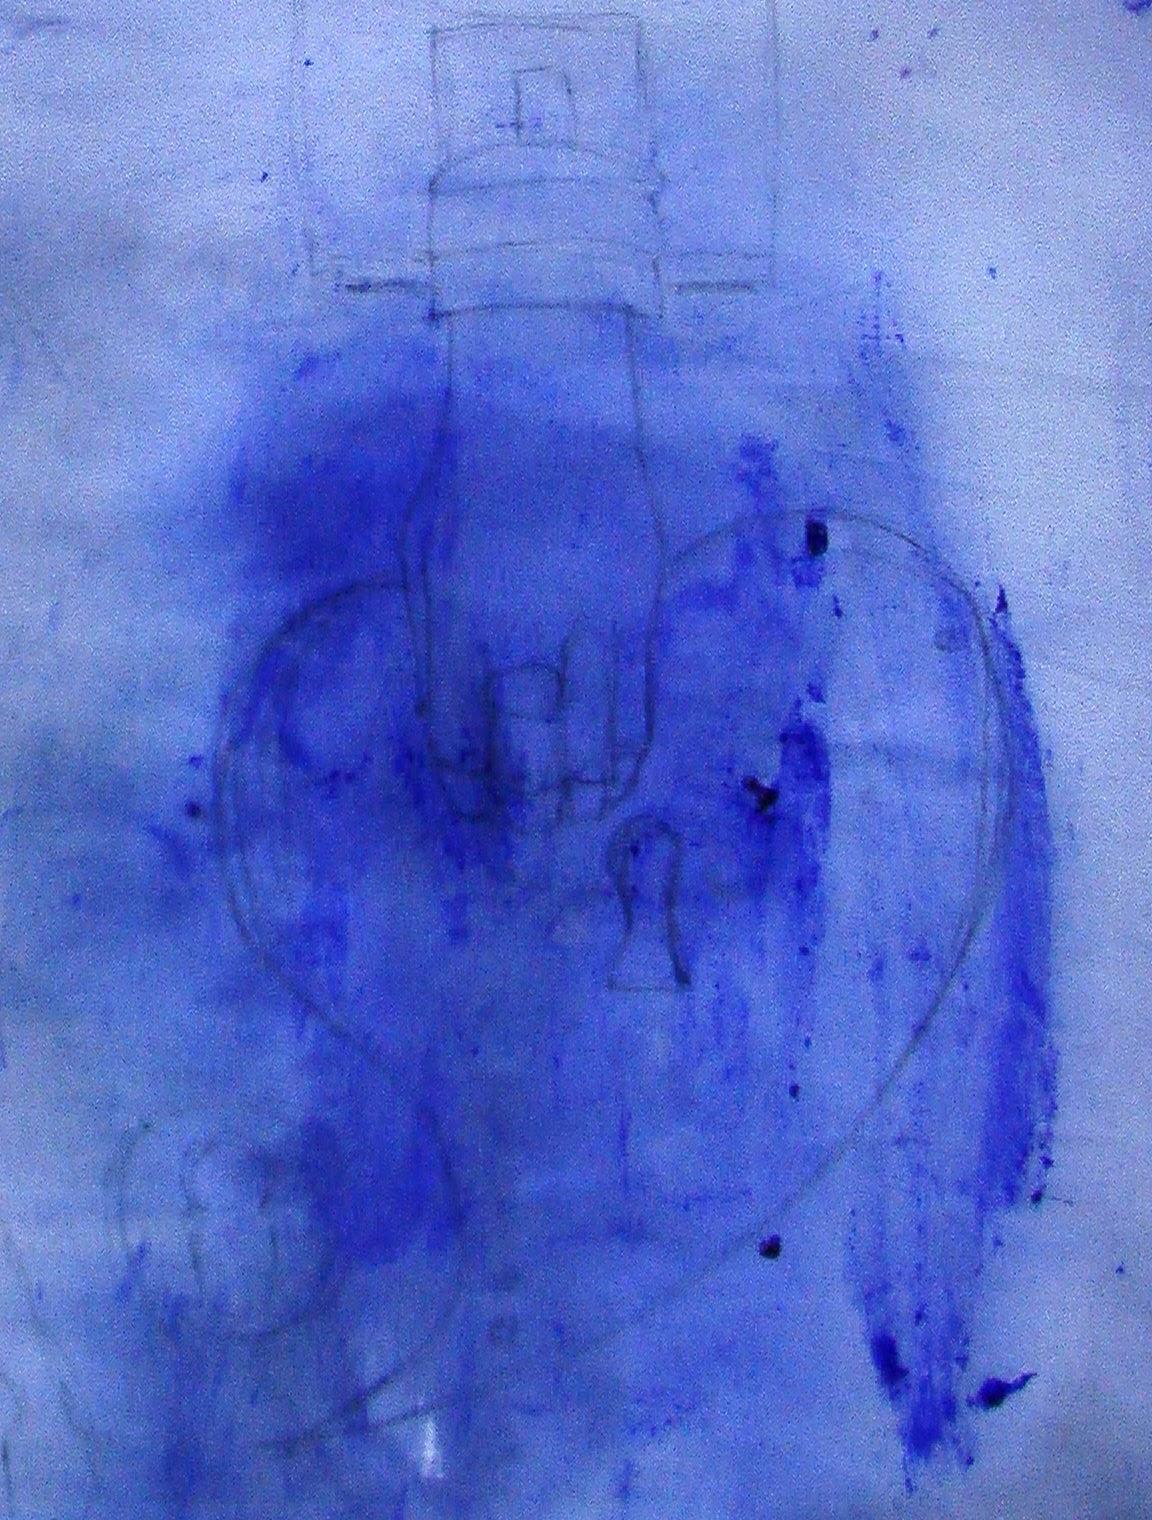 http://craftcabanyal.blogspot.com.es/p/paginas-batega-el-cor-palpita-el-corazon.html